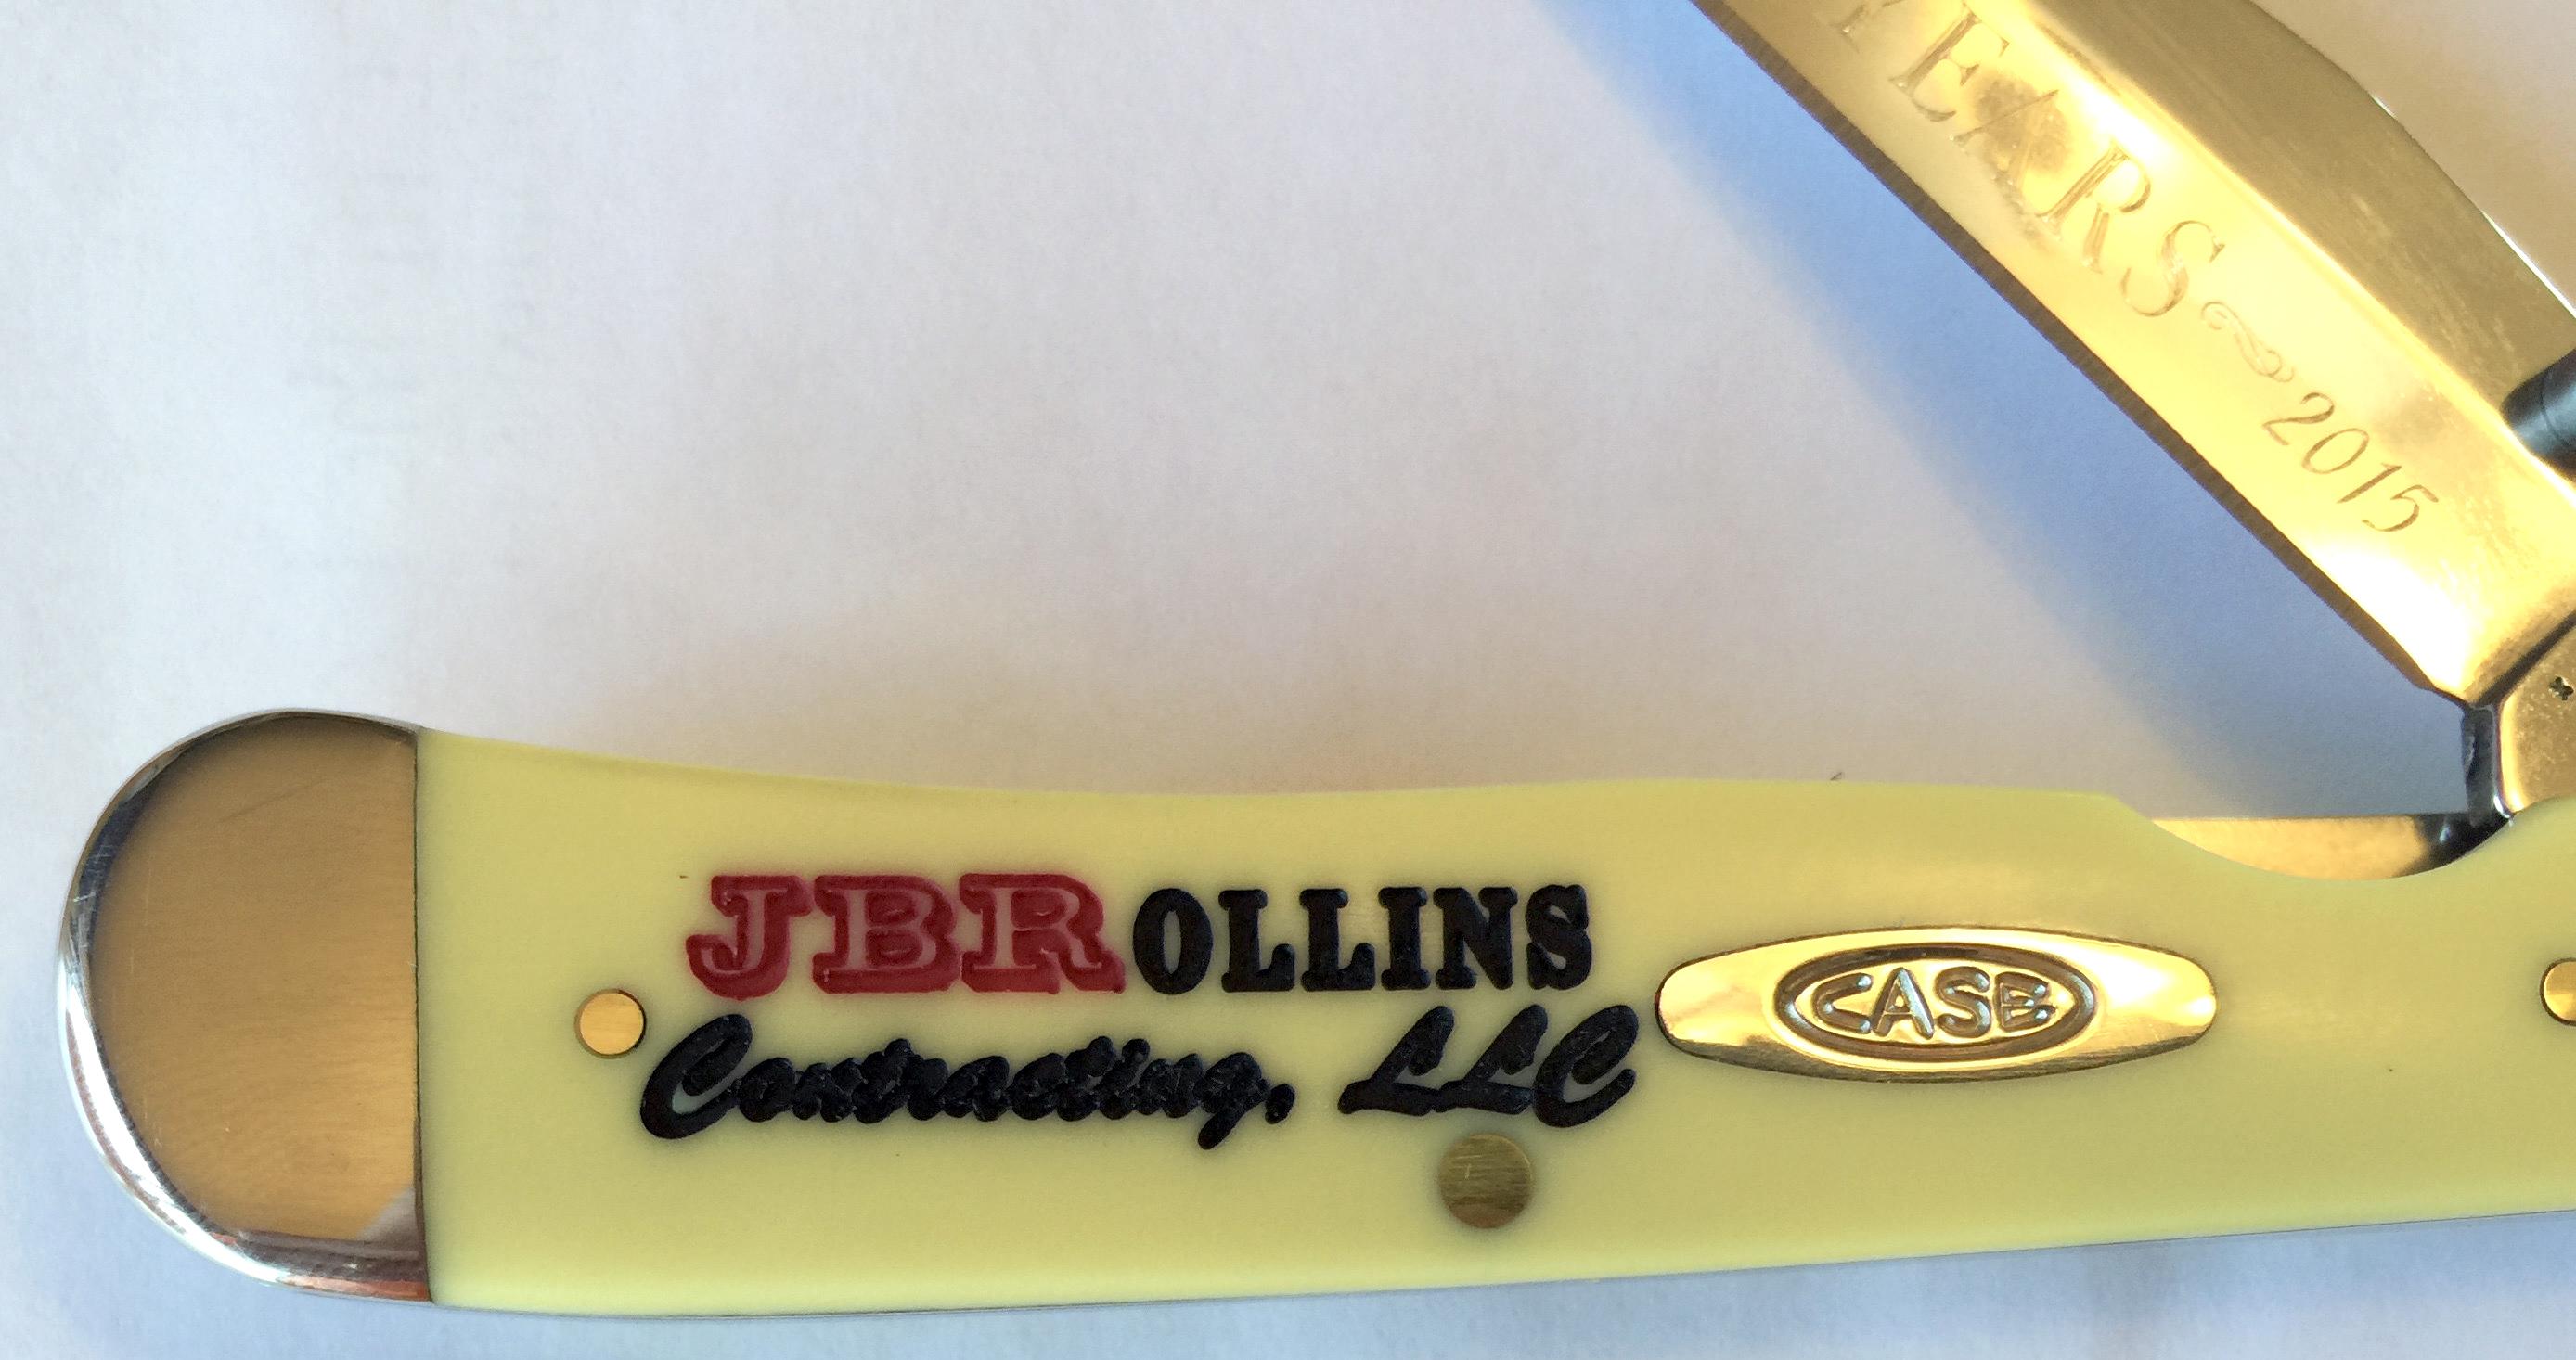 jb-rollins-contracting-case-xx.jpg